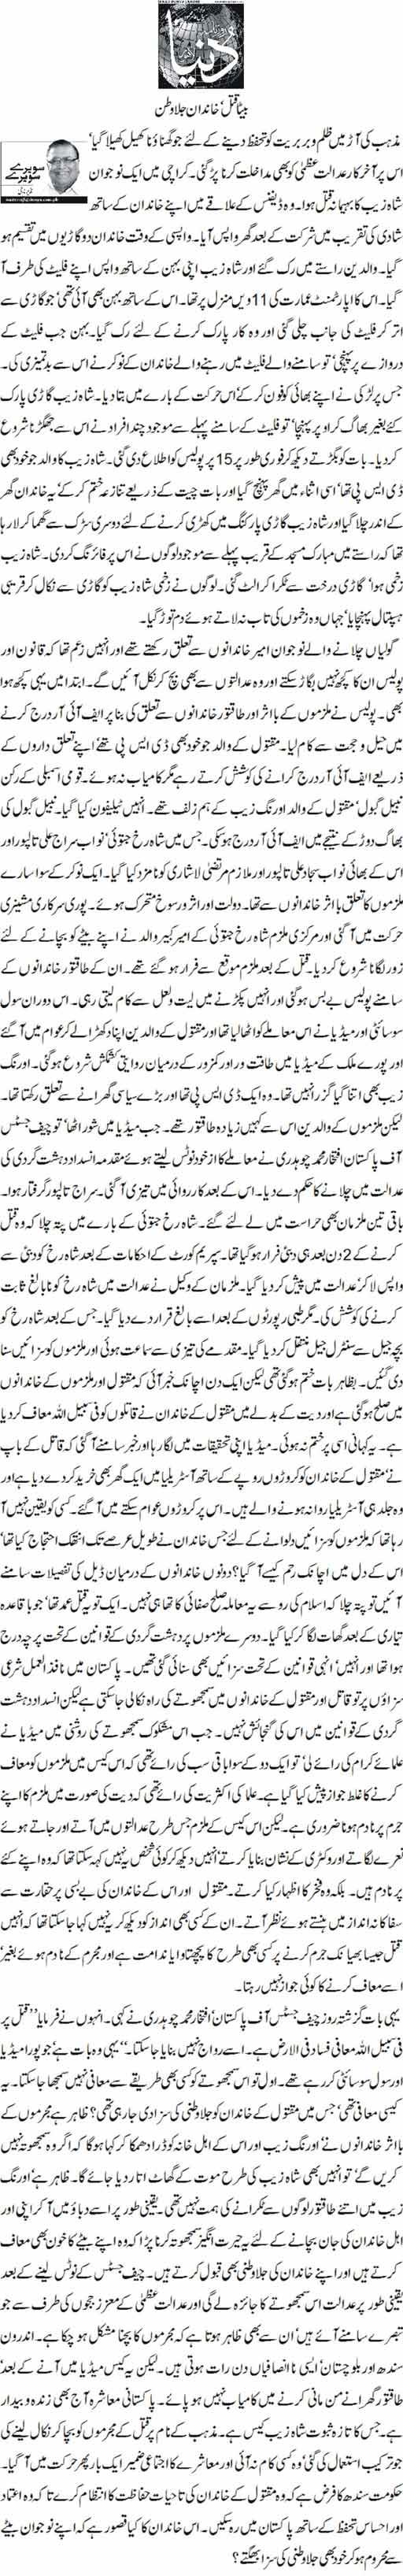 Baita Qatal'Khandaan Jala Watan - Nazeer Naji